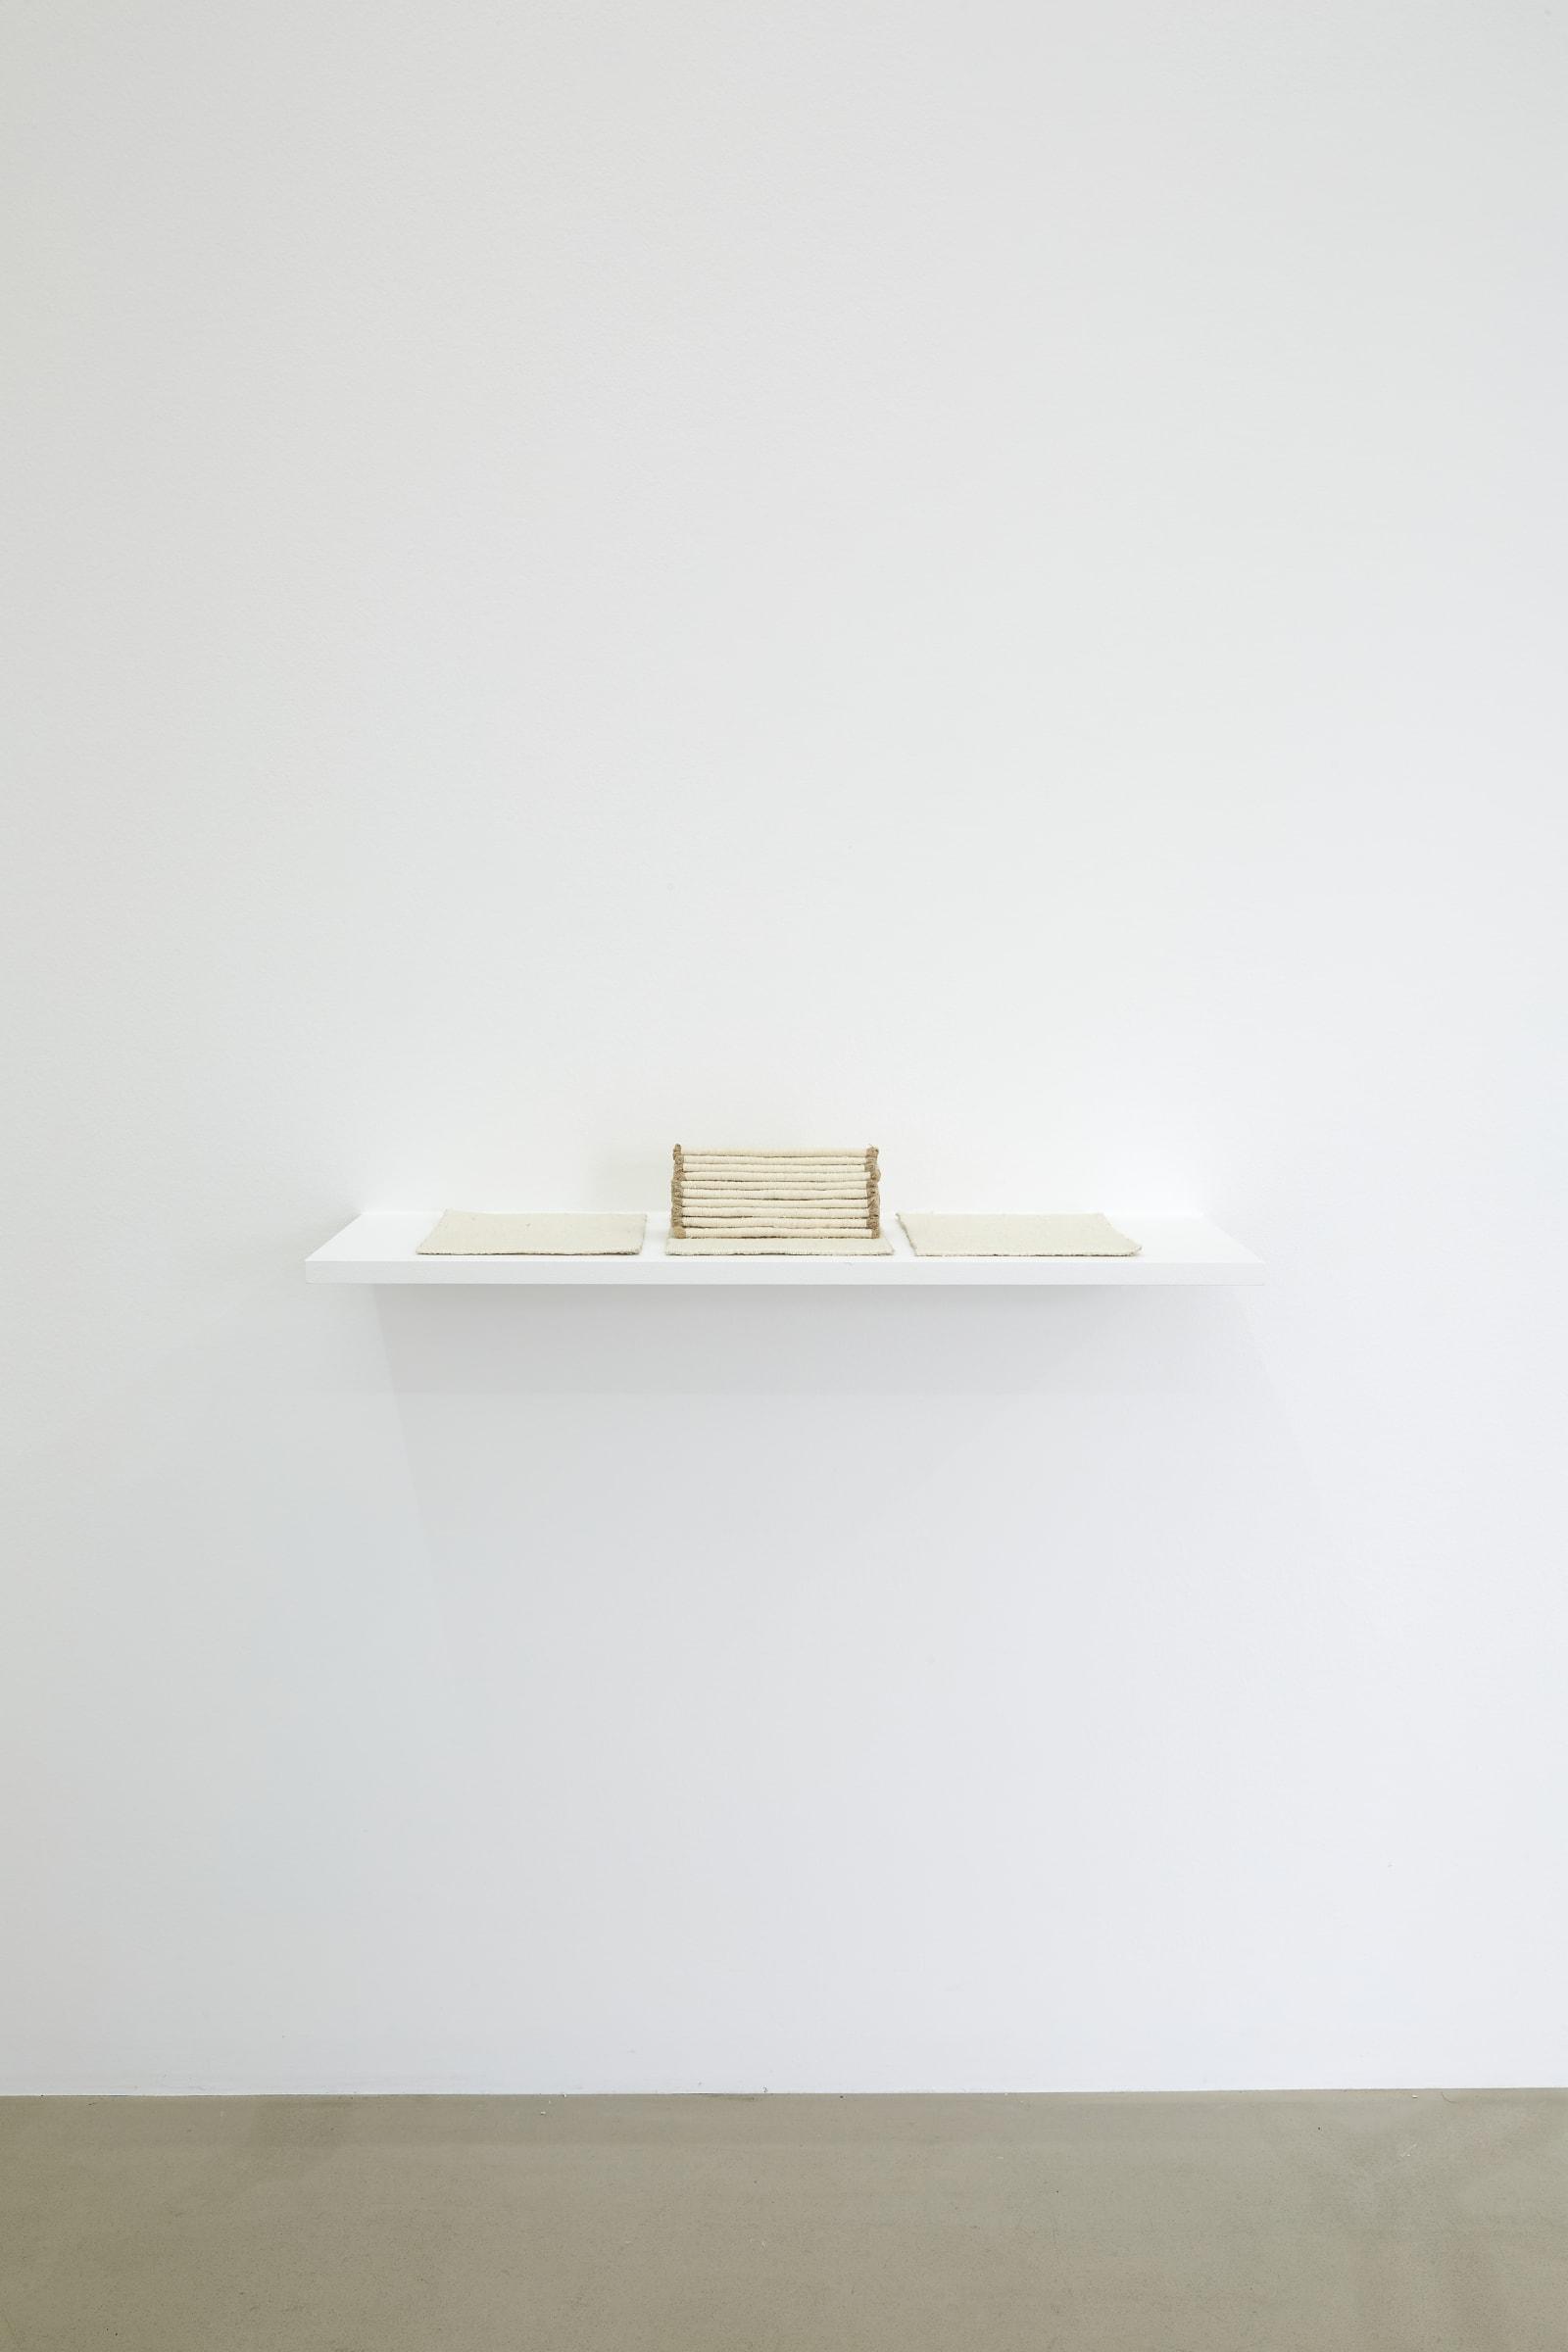 """<span class=""""link fancybox-details-link""""><a href=""""/exhibitions/185/works/artworks17770/"""">View Detail Page</a></span><div class=""""artist""""><strong>RAGNA RÓBERTSDÓTTIR</strong></div><div class=""""title""""><em>Untitled</em>, 1981/2021</div><div class=""""medium"""">linen</div><div class=""""dimensions"""">21 x 26 x 12 cm<br>8 1/4 x 10 1/4 x 4 3/4 in</div><div class=""""edition_details"""">unique</div>"""